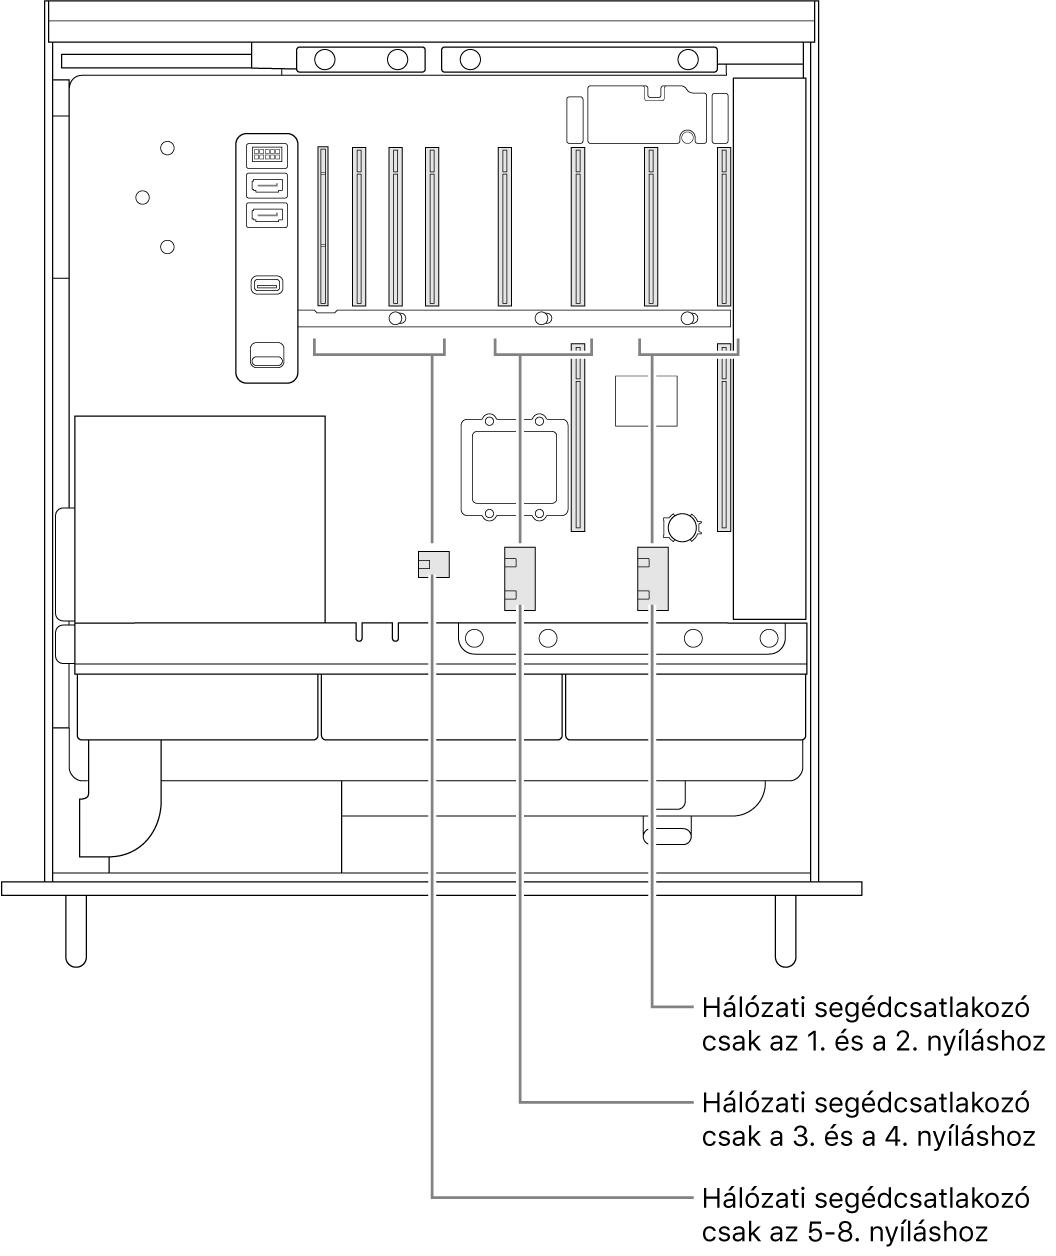 A Mac Pro nyitott oldalának képe, ahol ábrafeliratok mutatják, hogy melyik foglalat, melyik kiegészítő tápcsatlakozóhoz tartozik.